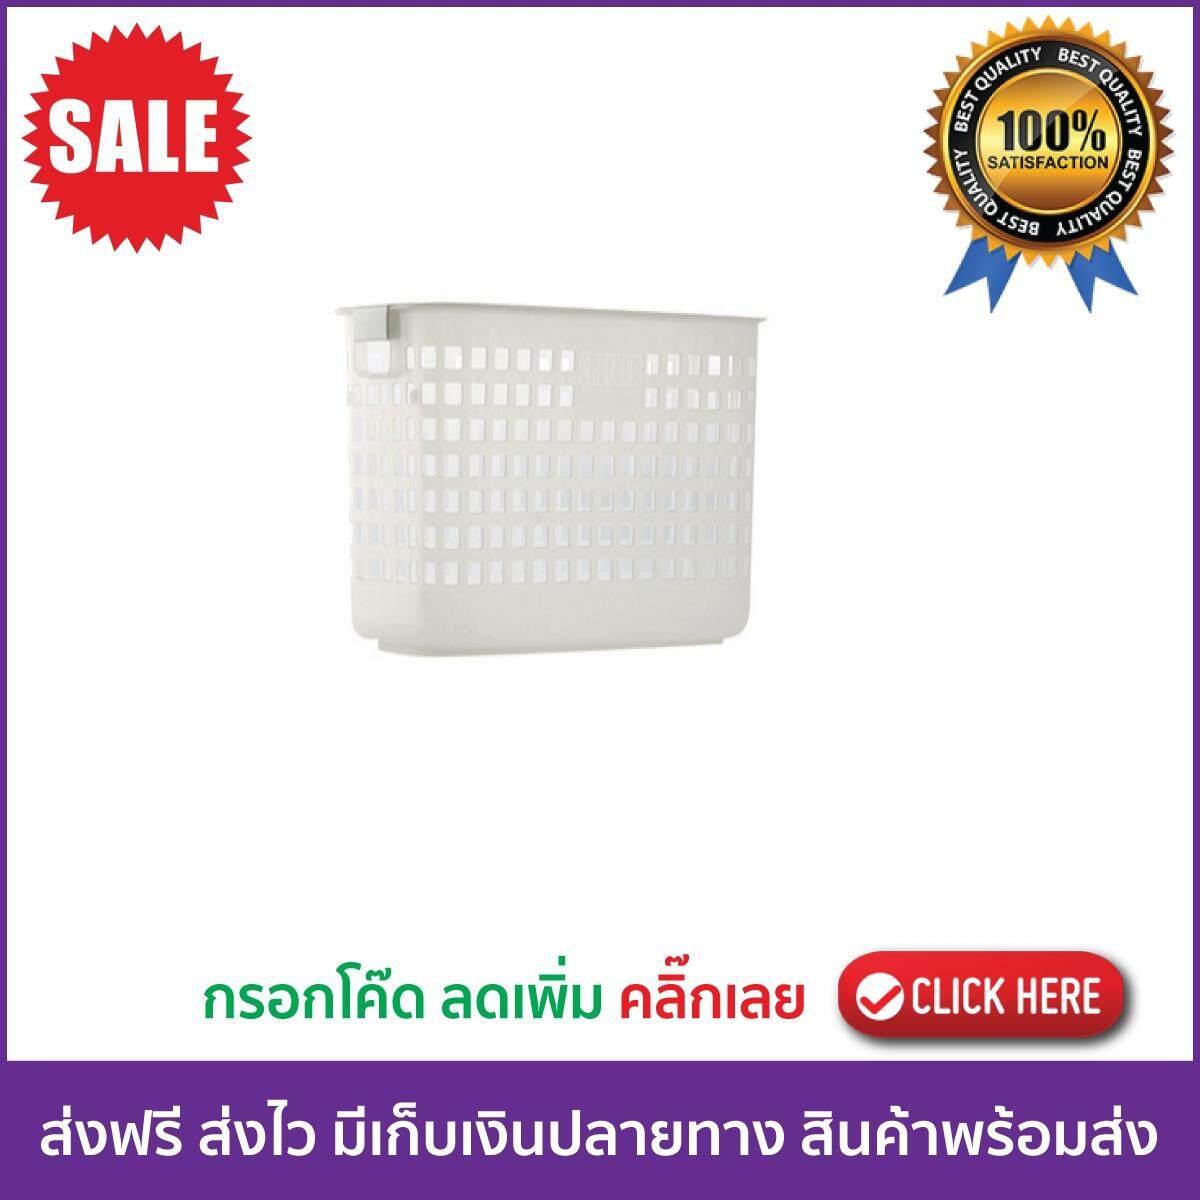 ขายดีมาก! ราคาสุดคุ้ม Laundry Basket ตะกร้าเหลี่ยม DKW HH-1030 ขาว สินค้าคุณภาพ ส่งชัวร์ ส่งฟรี ส่ง kerry เก็บเงินปลายทาง